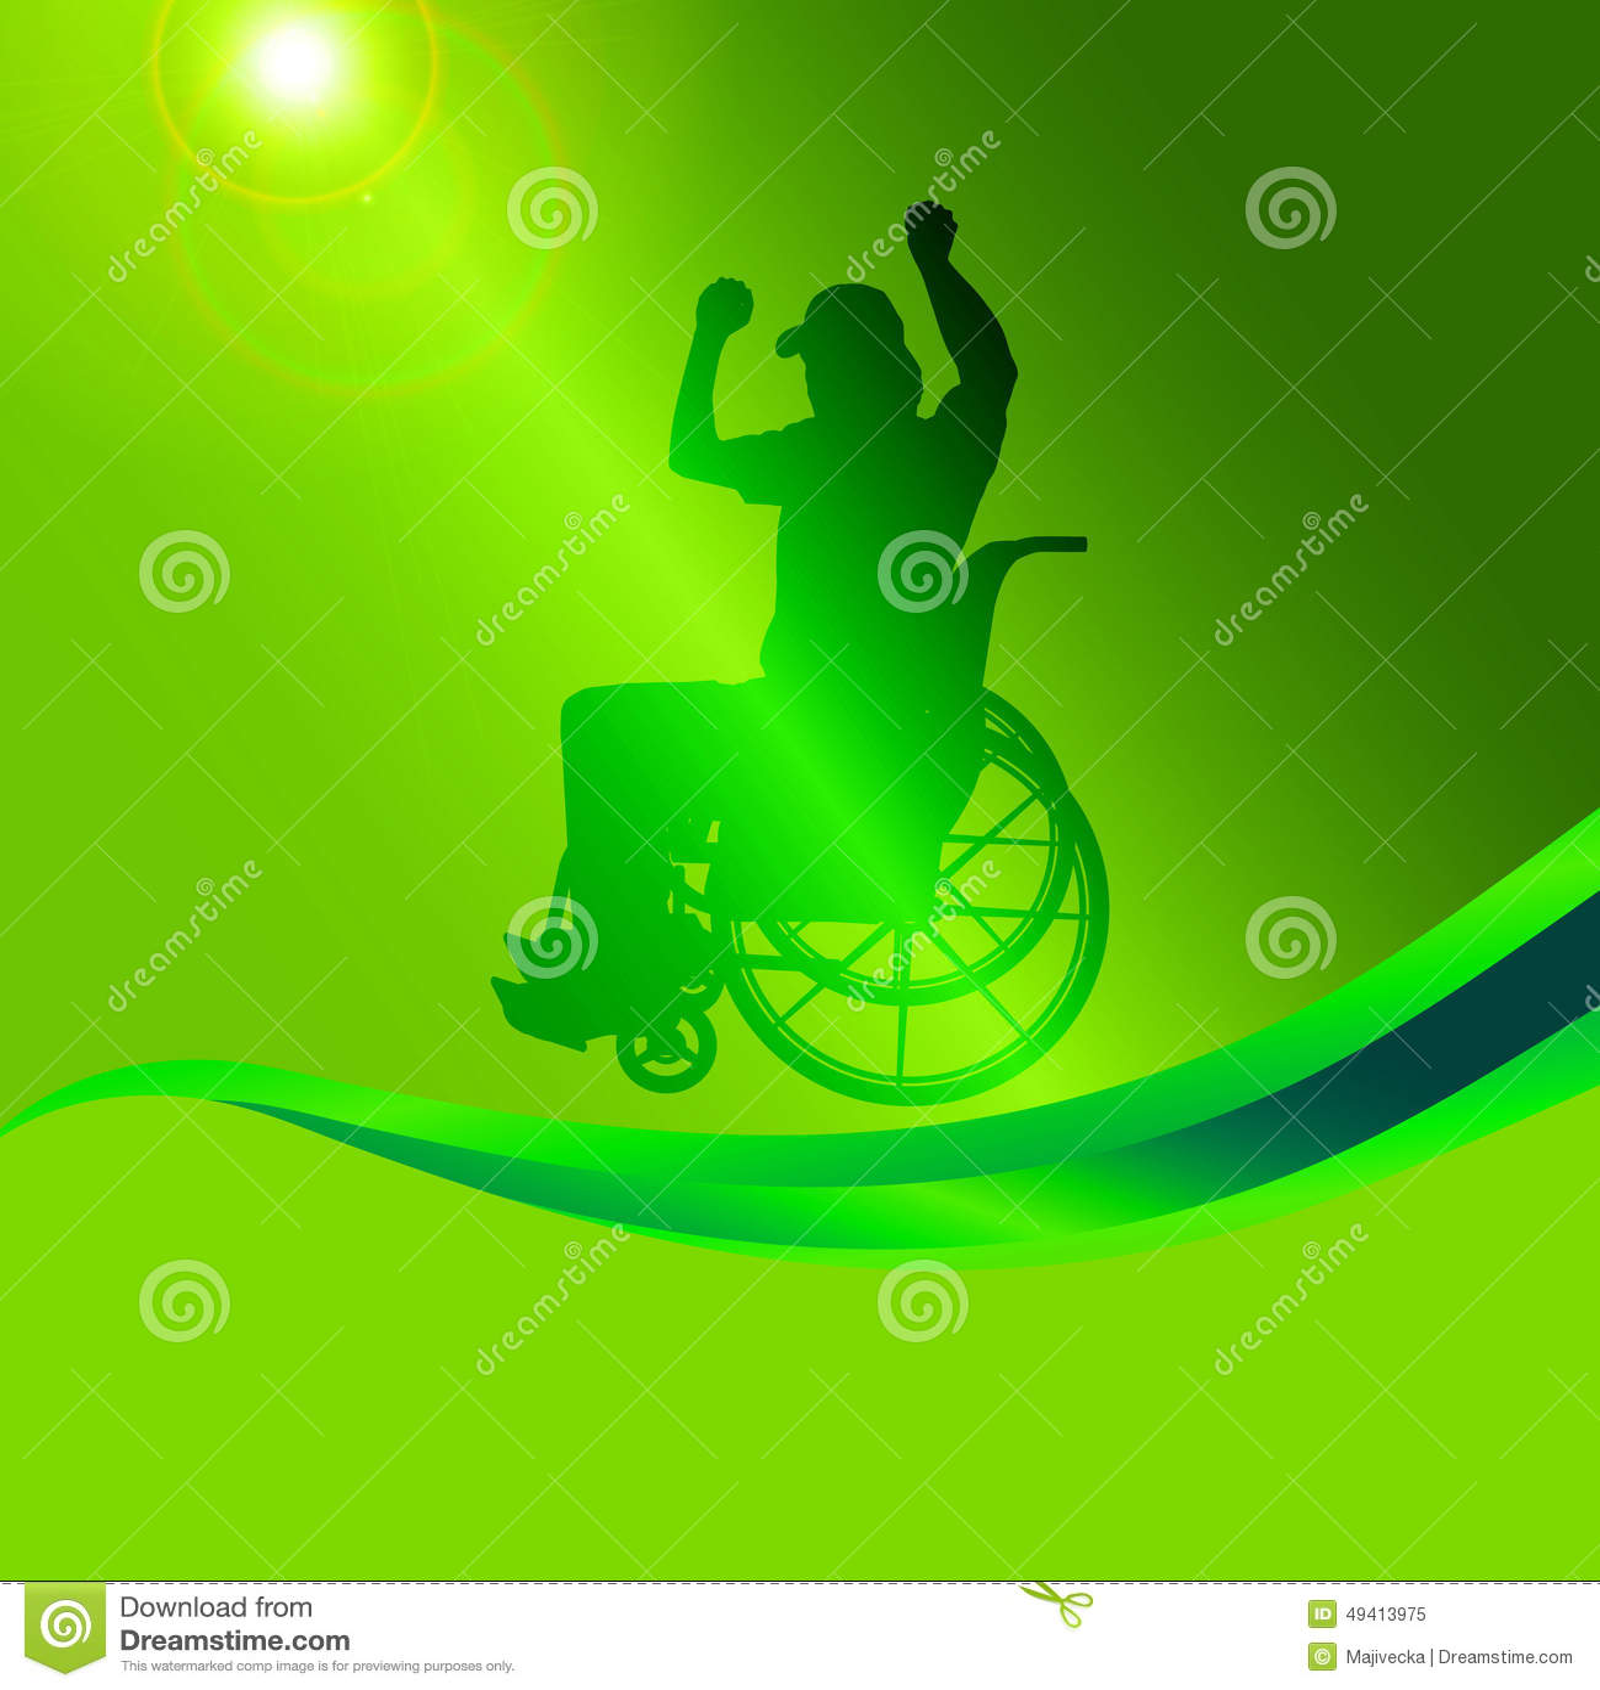 Download Vector Schattenbild Eines Mannes In Einem Rollstuhl Vektor Abbildung - Illustration von abbildung, sitting: 49413975